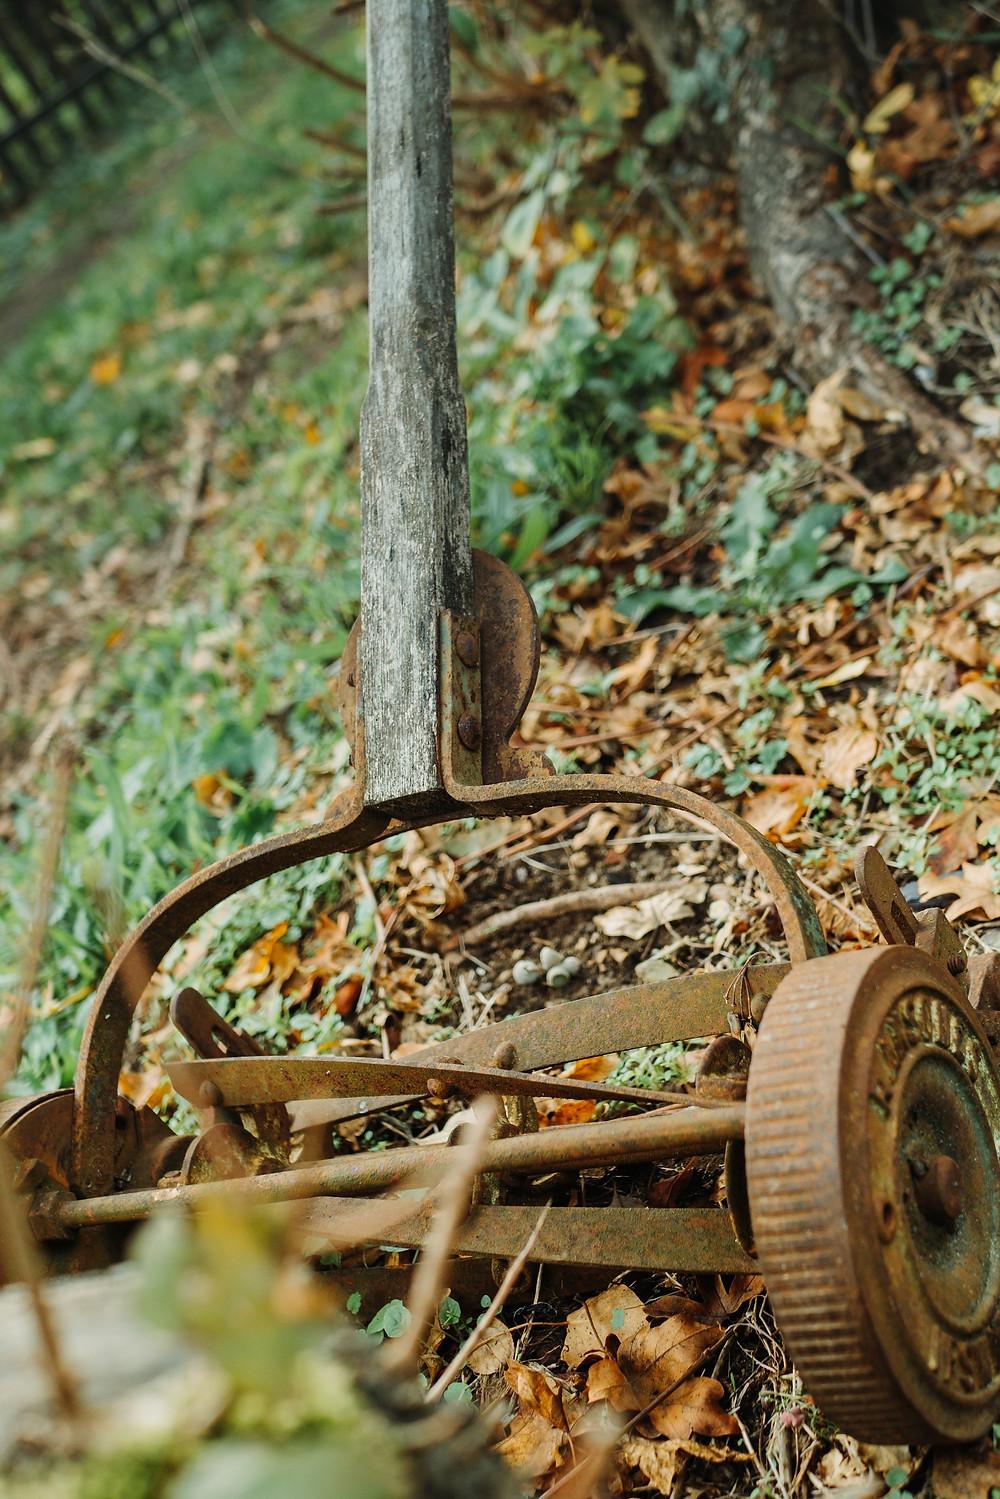 Silent antique mower